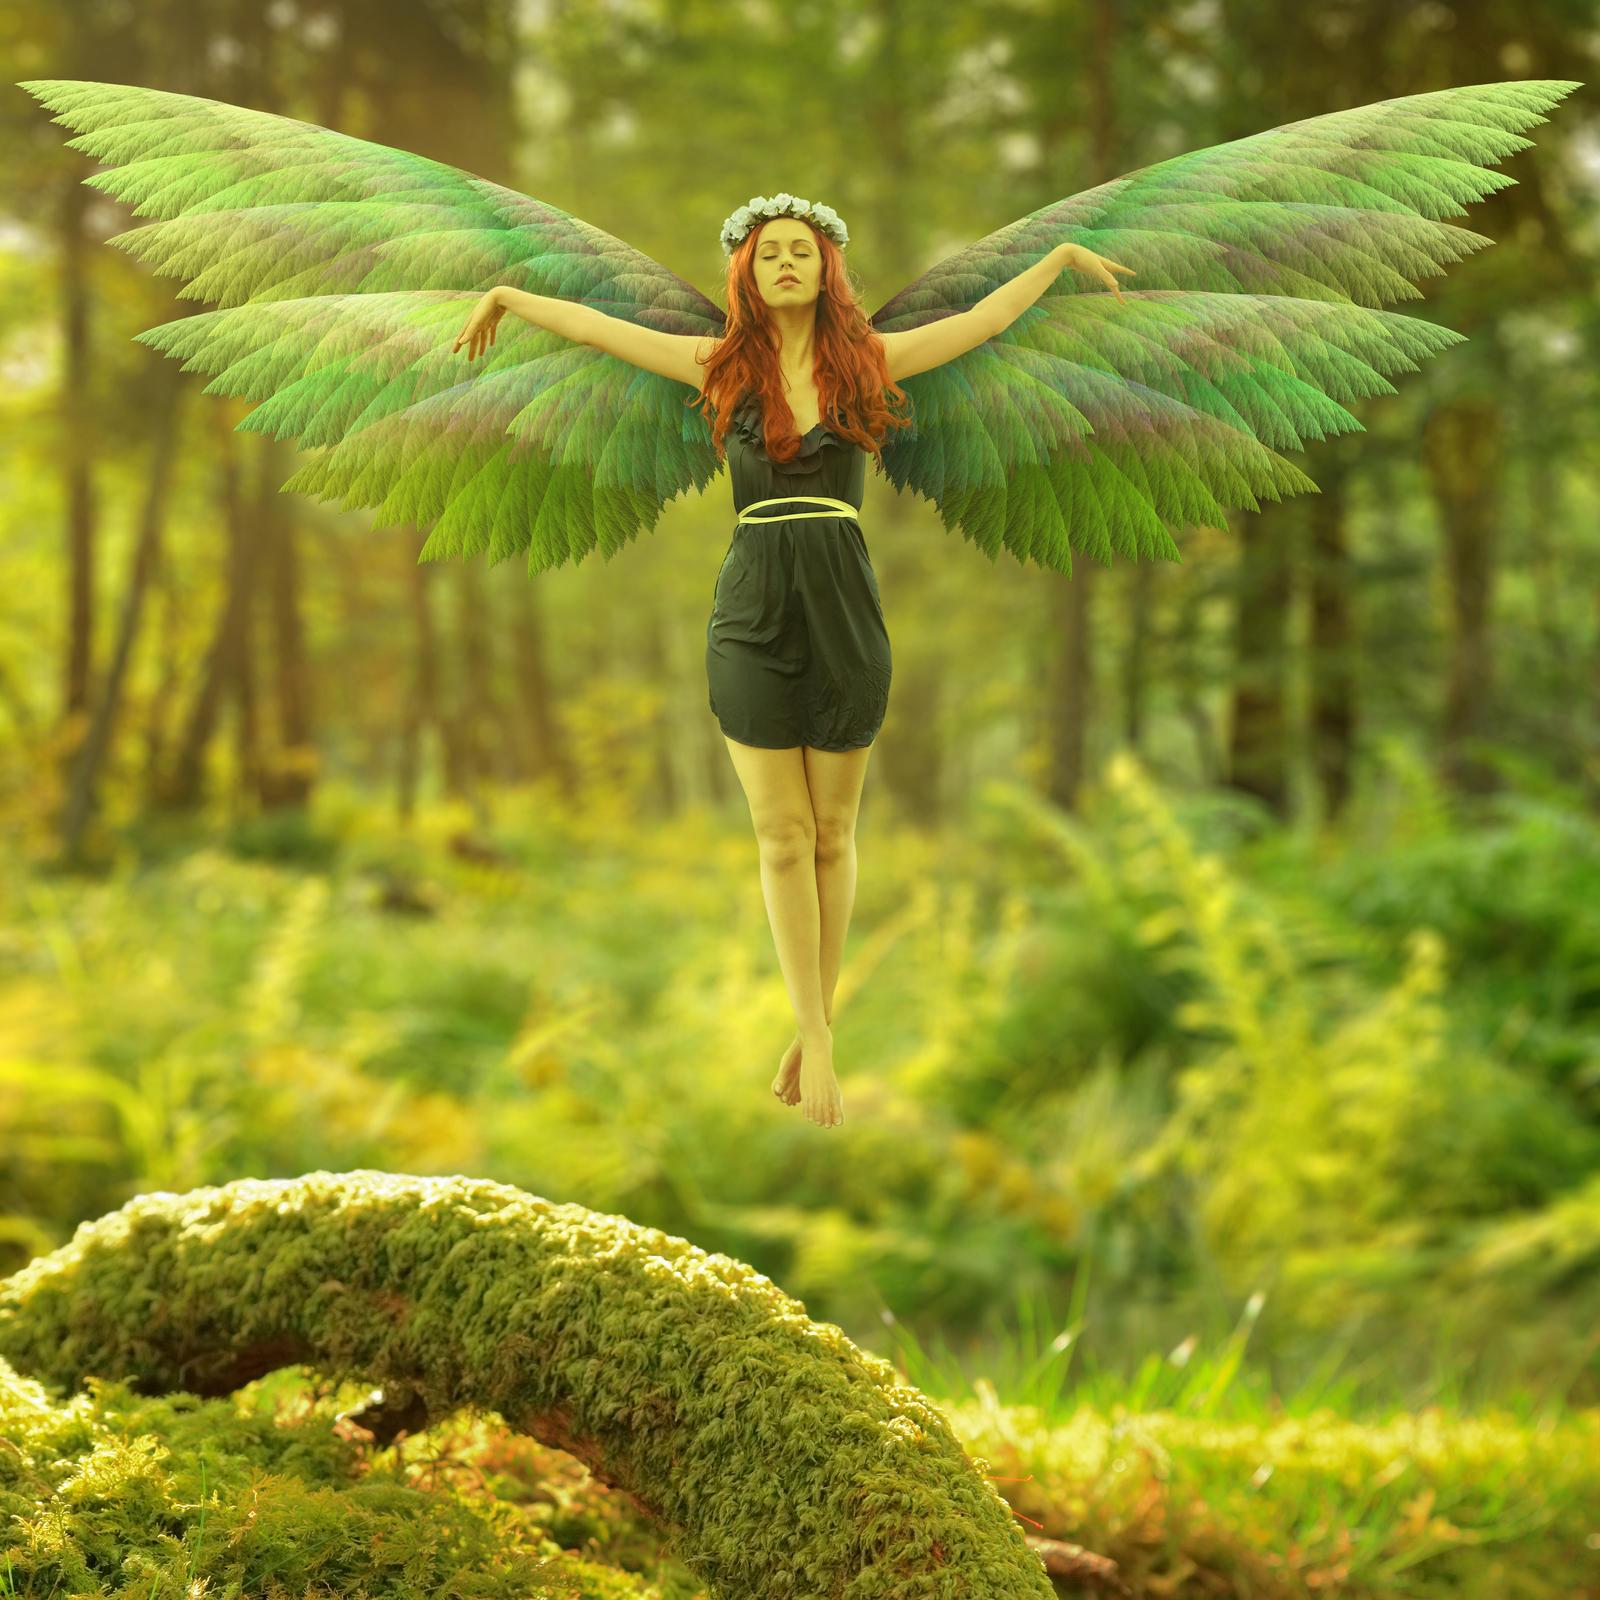 Fairies Favourites By Ellyevans679 On Deviantart